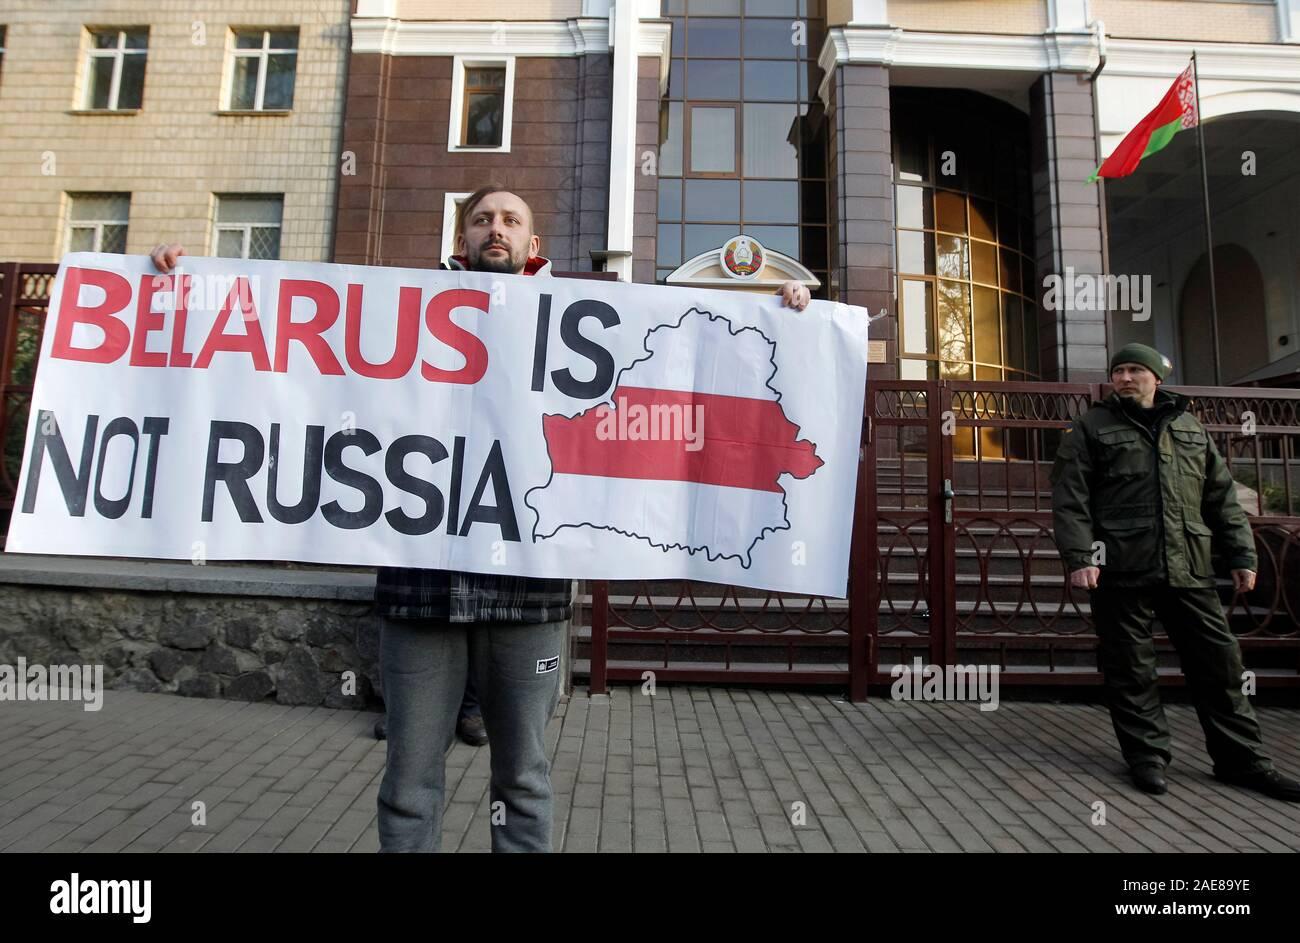 Ein Aktivist hält ein Plakat, während eines Protestes gegen die Belarus-Russia Integration, außerhalb der Belarussischen Botschaft in Kiew. Demonstranten gegen die Integration von Belarus und Russland und der Auffassung, daß eine neue Vereinbarung zur Vertiefung der Integration zu Weißrussland verliert seine Unabhängigkeit führen können. Die Präsidenten von Russland und Weißrussland, Wladimir Putin und Alexander Lukaschenko treffen und über Fahrpläne für die Integration der beiden Länder in Russland am 7. Dezember 2019 Rede, angeblich durch die Medien. Stockfoto